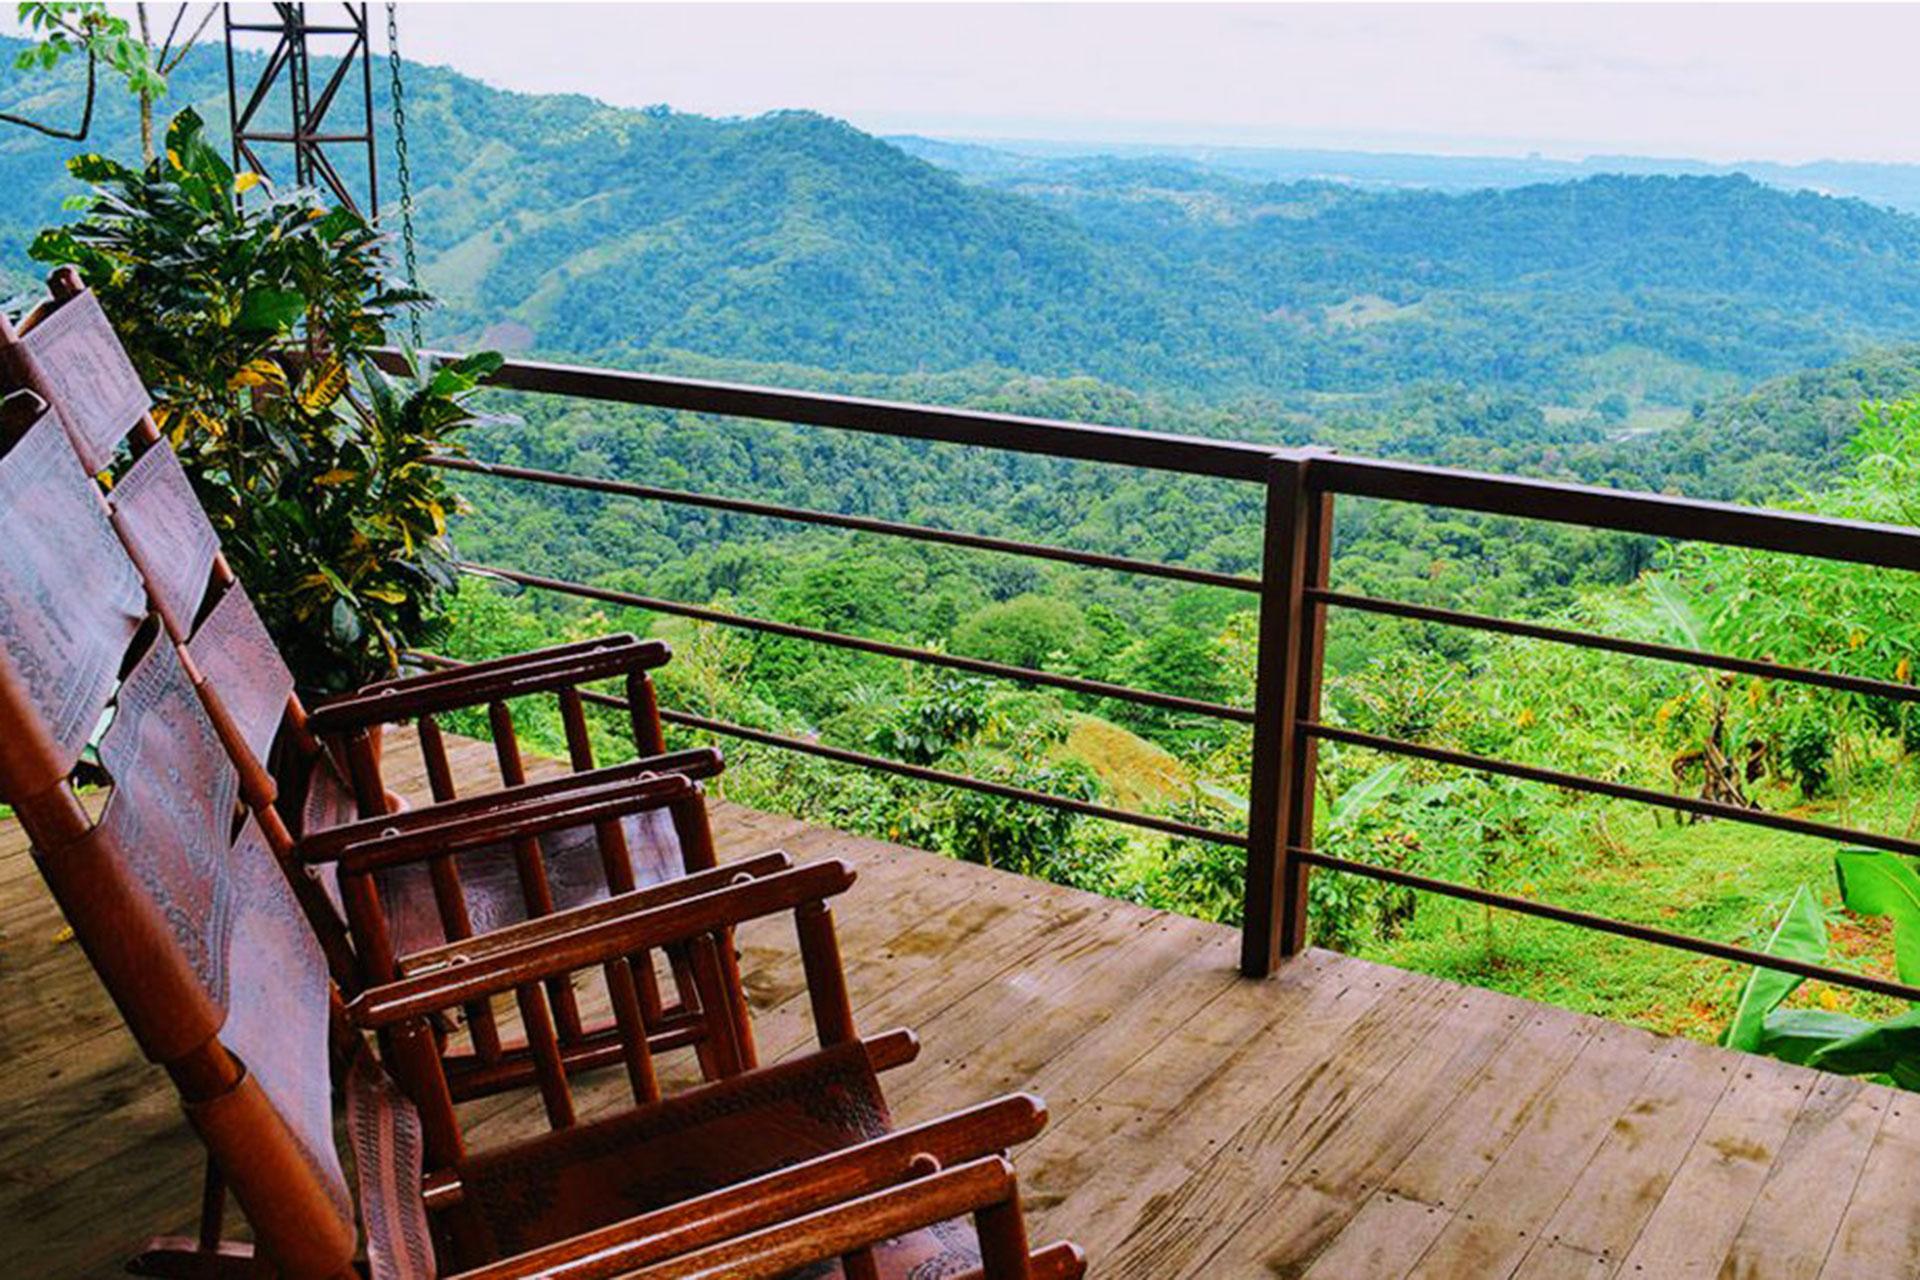 Santa Juana Lodge in Costa Rica